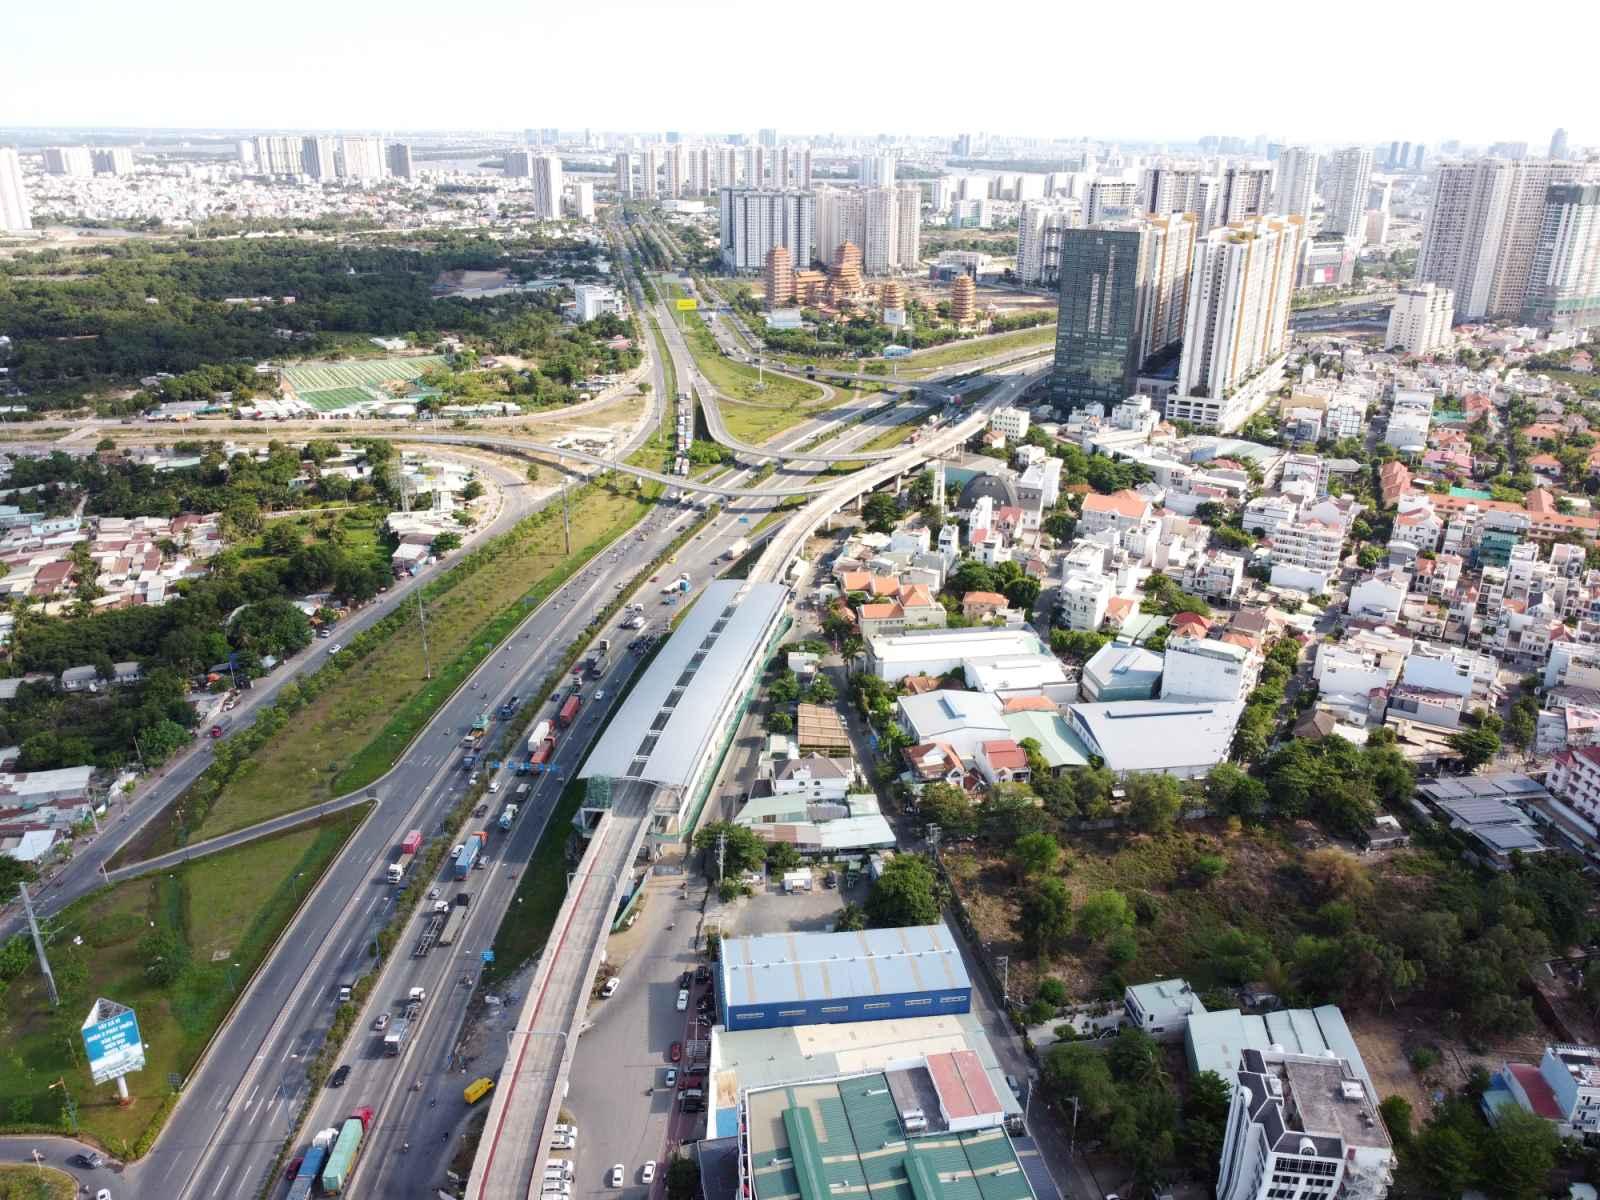 Phó Chủ tịch Cengroup: 3 đến 10 năm tới là giai đoạn vàng của thị trường bất động sản - Ảnh 1.